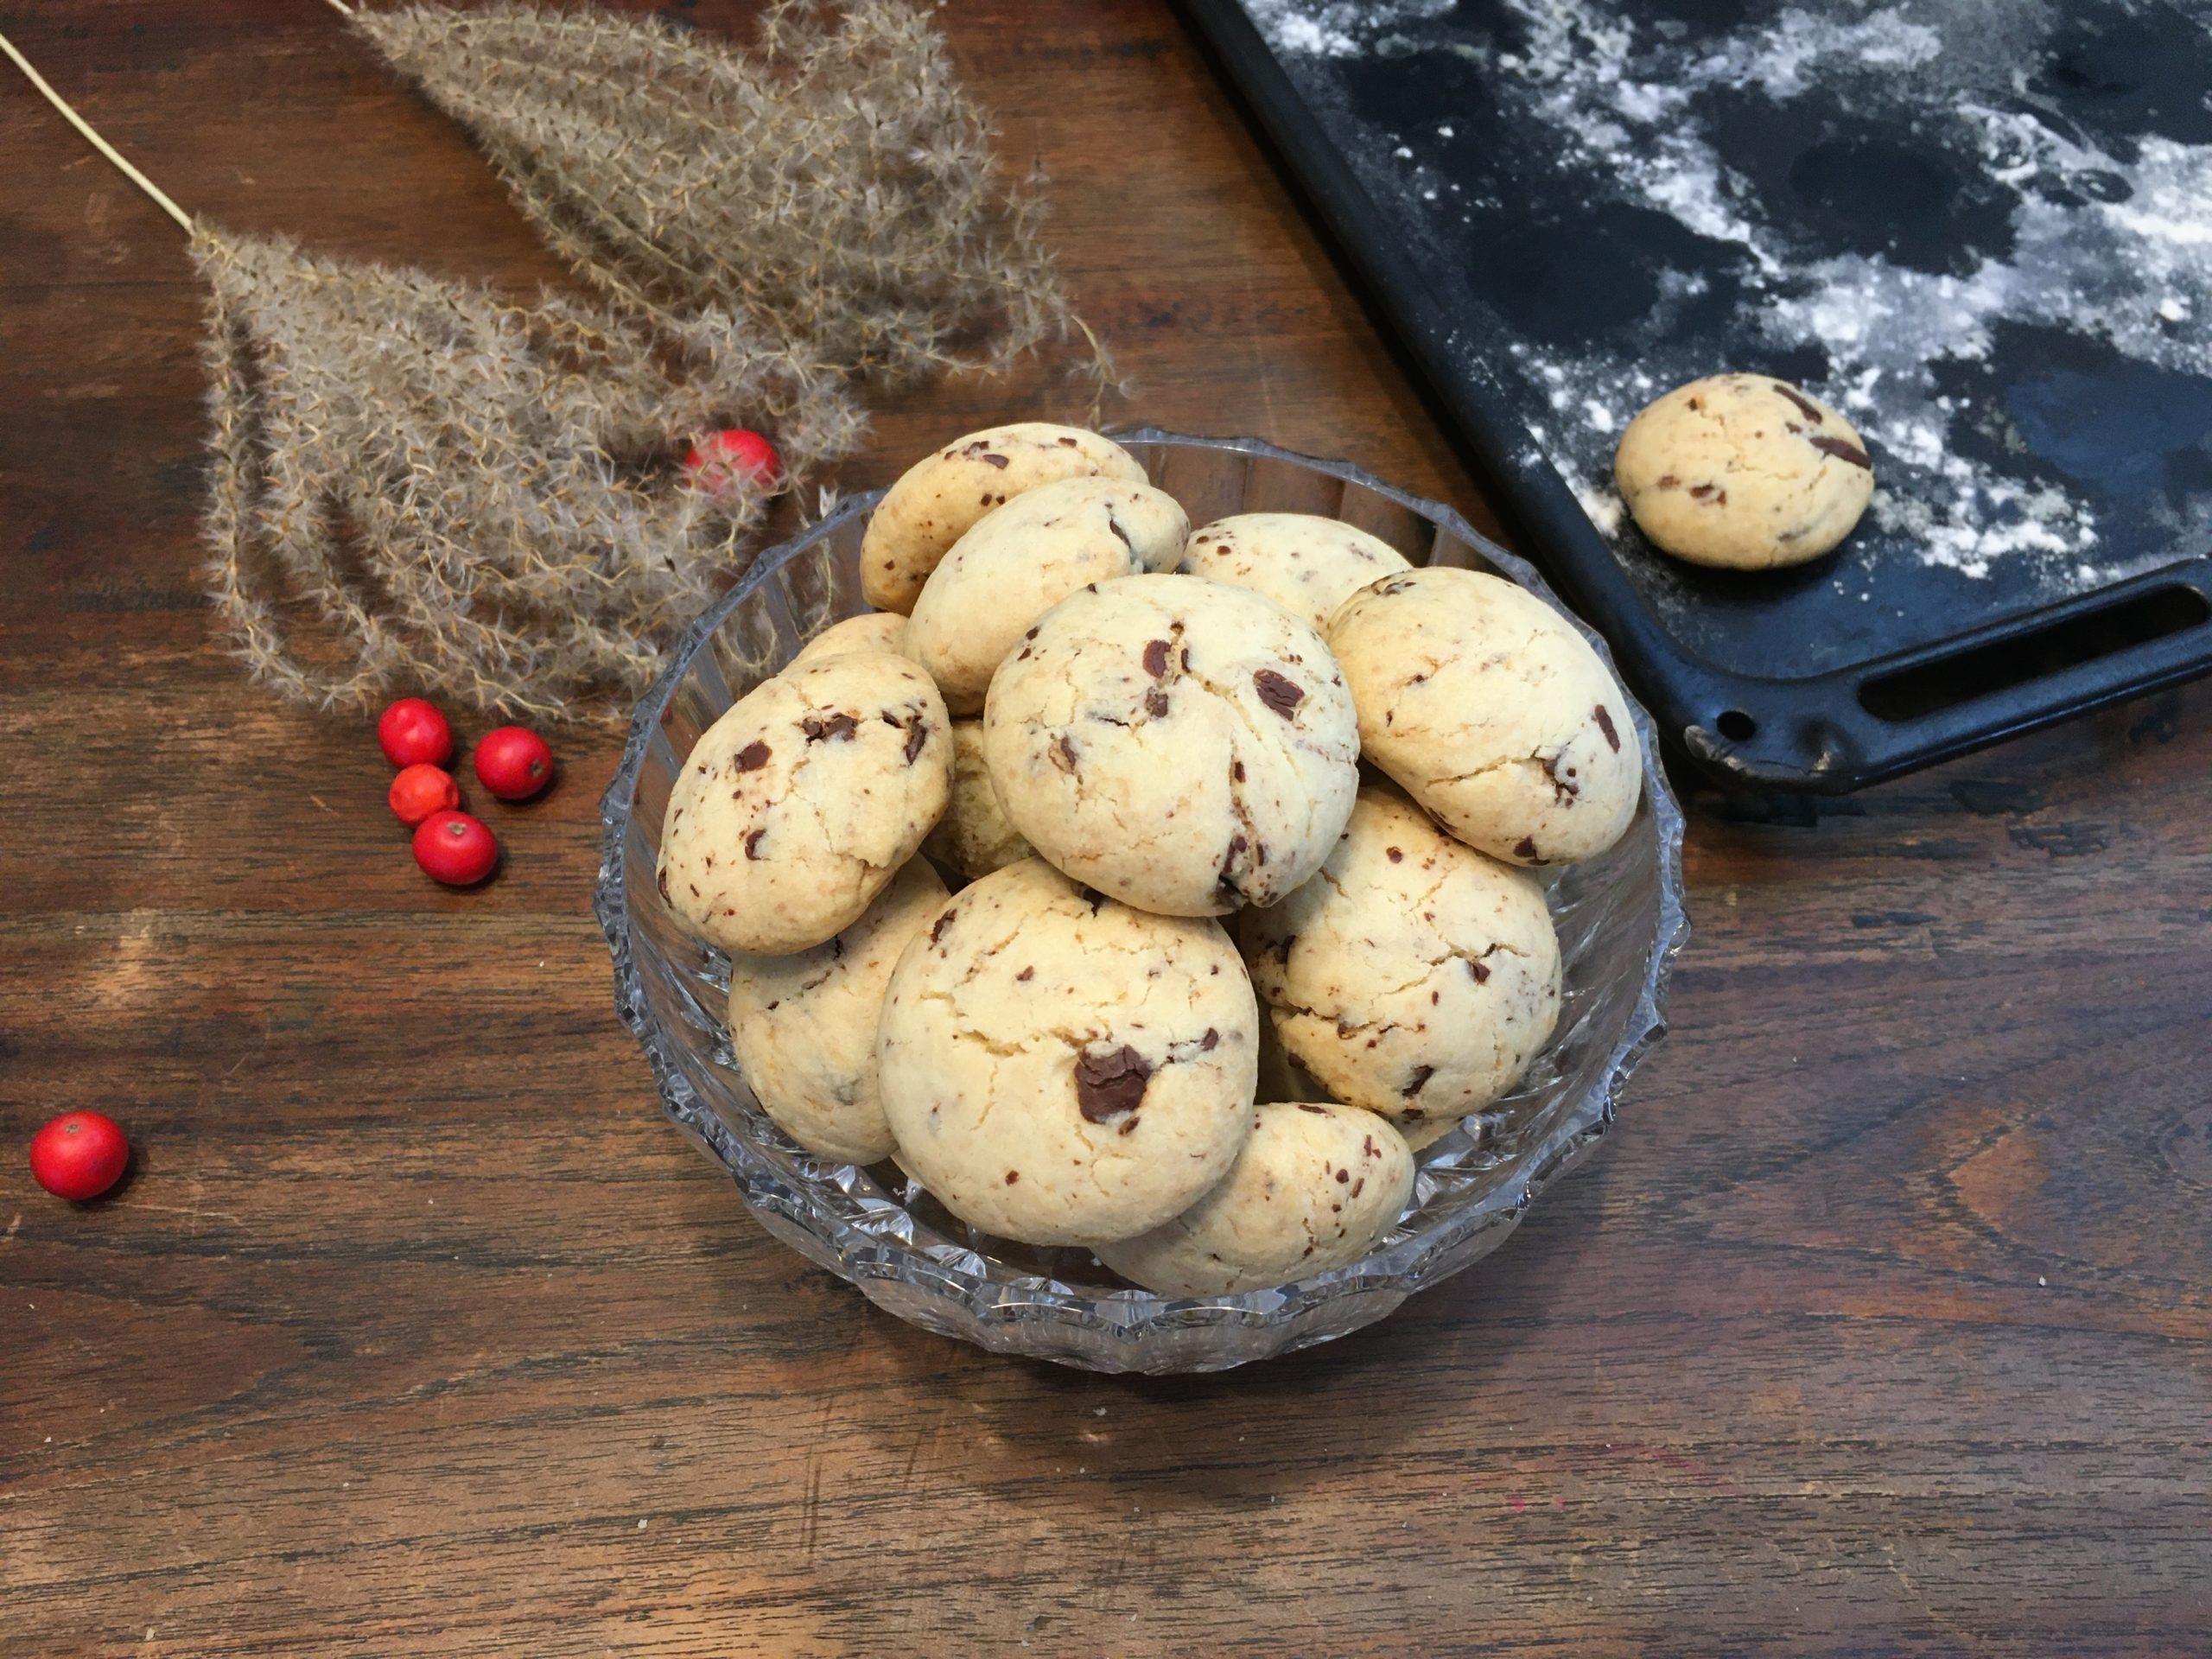 Biscuit chocolat recette IG BAS aux pépites chocolat à l'indice glycémique bas